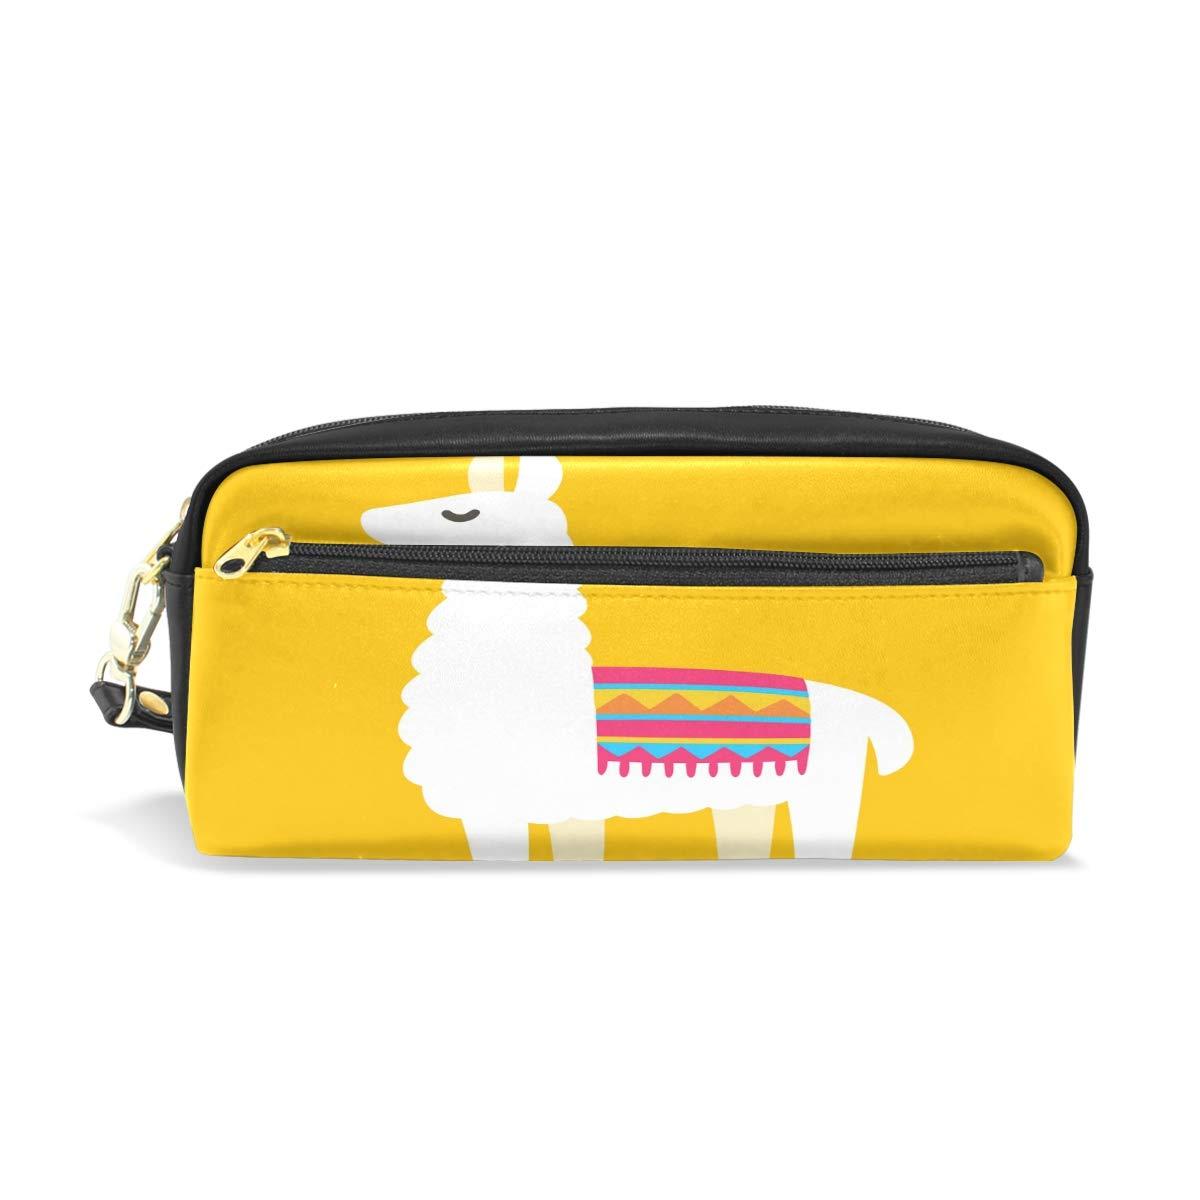 Estuche estuche con cremallera grande bolsa de maquillaje Cartoon Llama Alpaca dibujo lápiz bolsa caja para niños y niñas suministros escolares: Amazon.es: Oficina y papelería